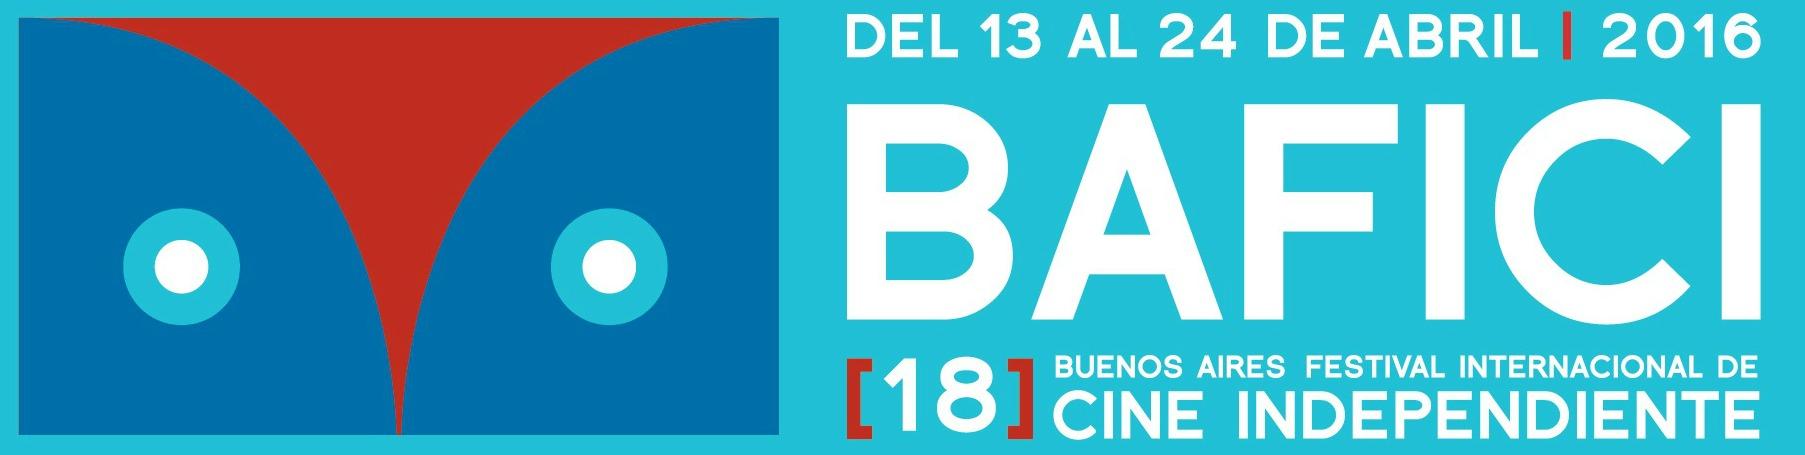 18-bafici-logo